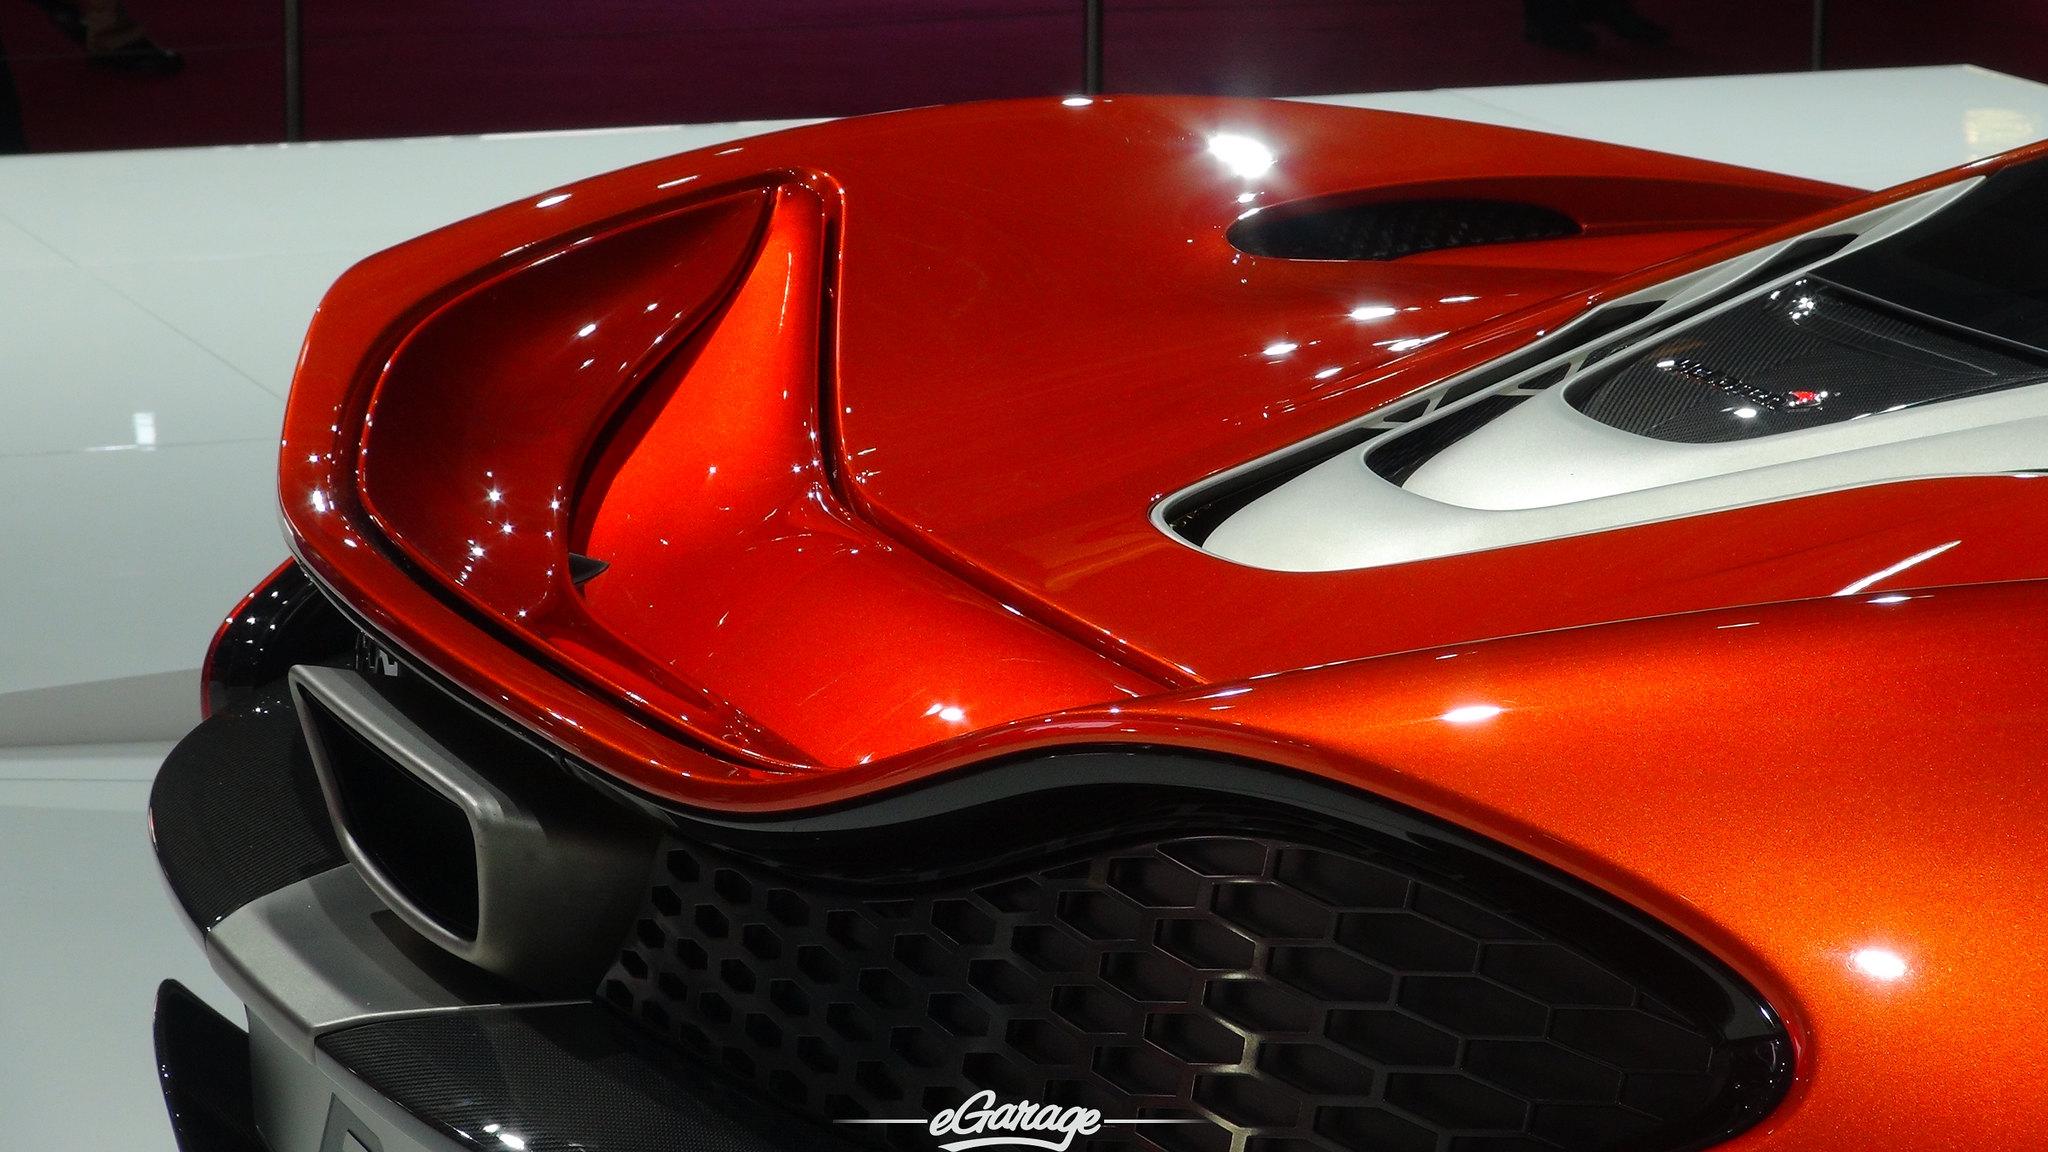 8034743125 ad788e80d3 k 2012 Paris Motor Show